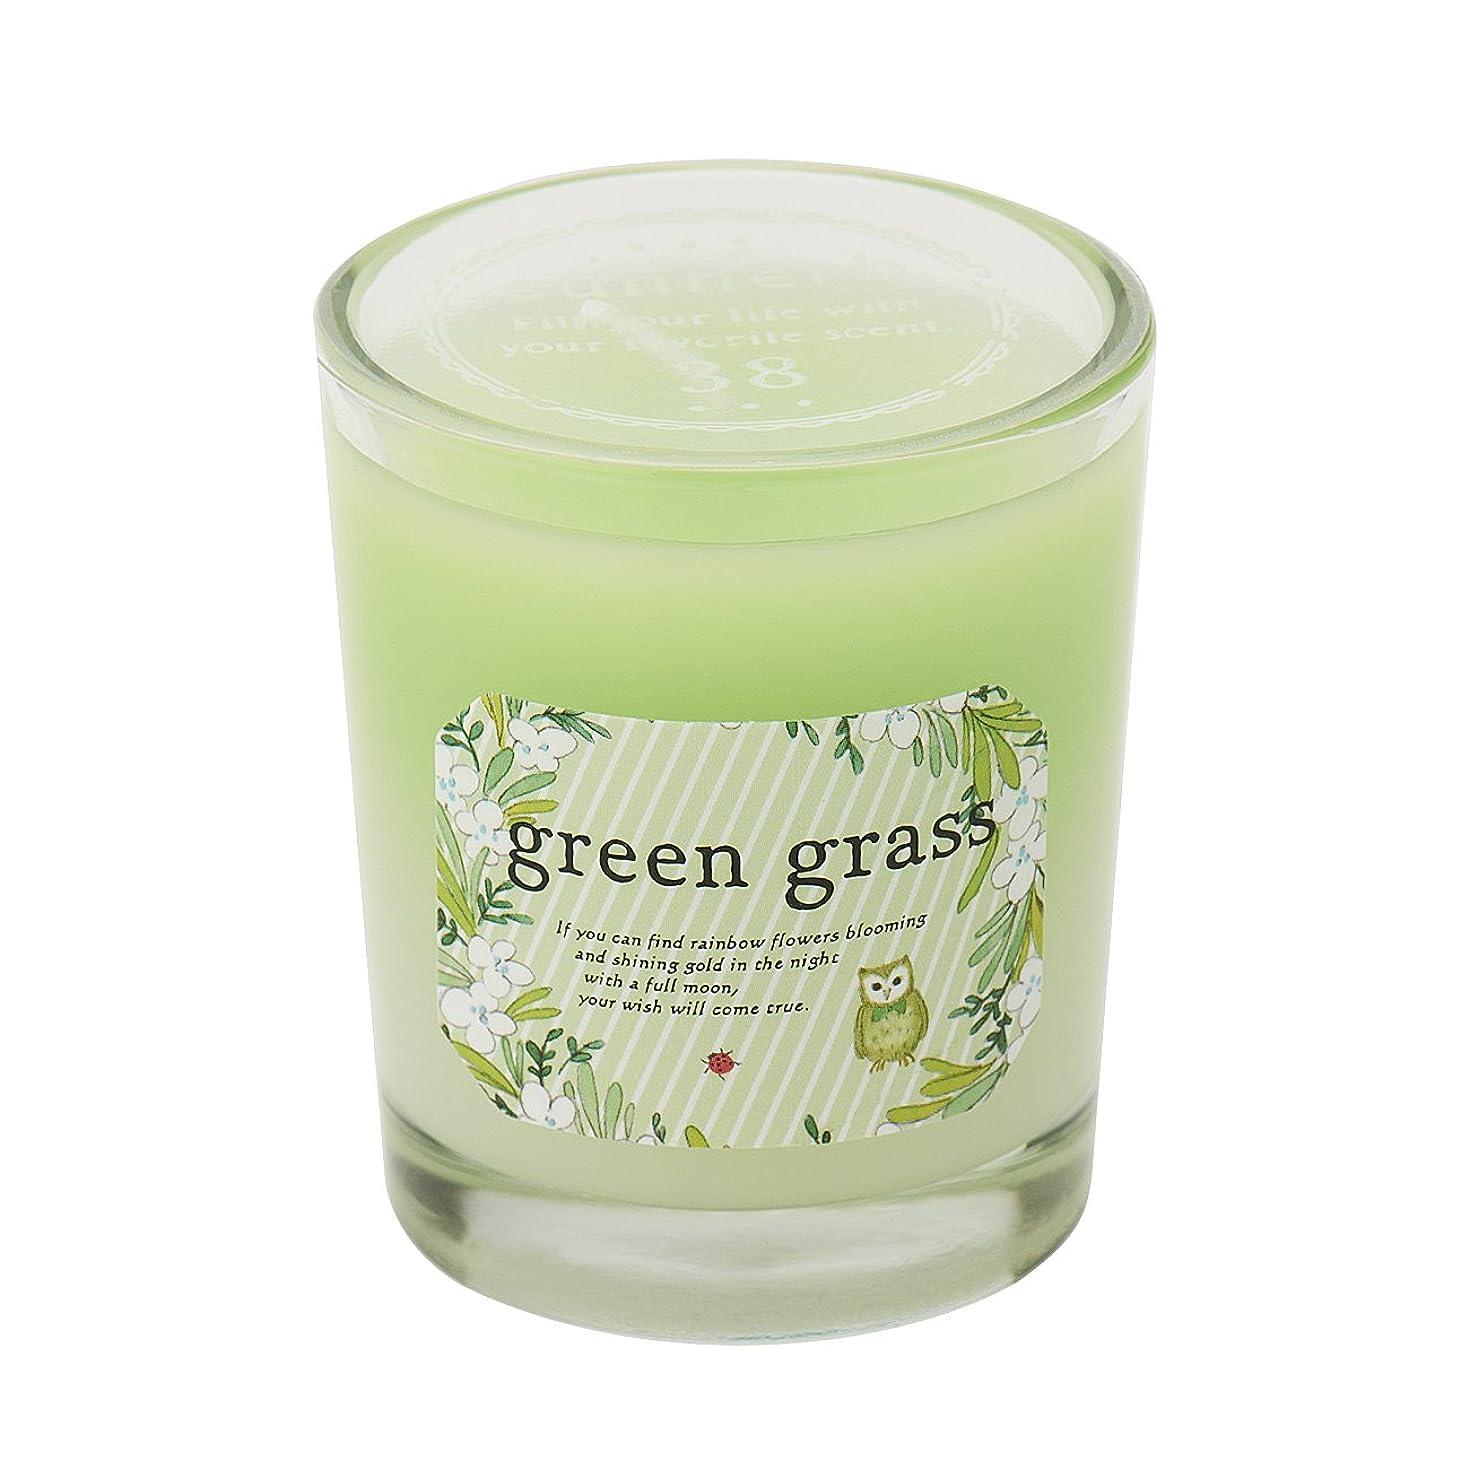 ブランデー長椅子エキゾチックサンハーブ グラスキャンドル グリーングラス 35g(グラデーションろうそく 燃焼時間約10時間 爽やかでちょっと大人の香り)